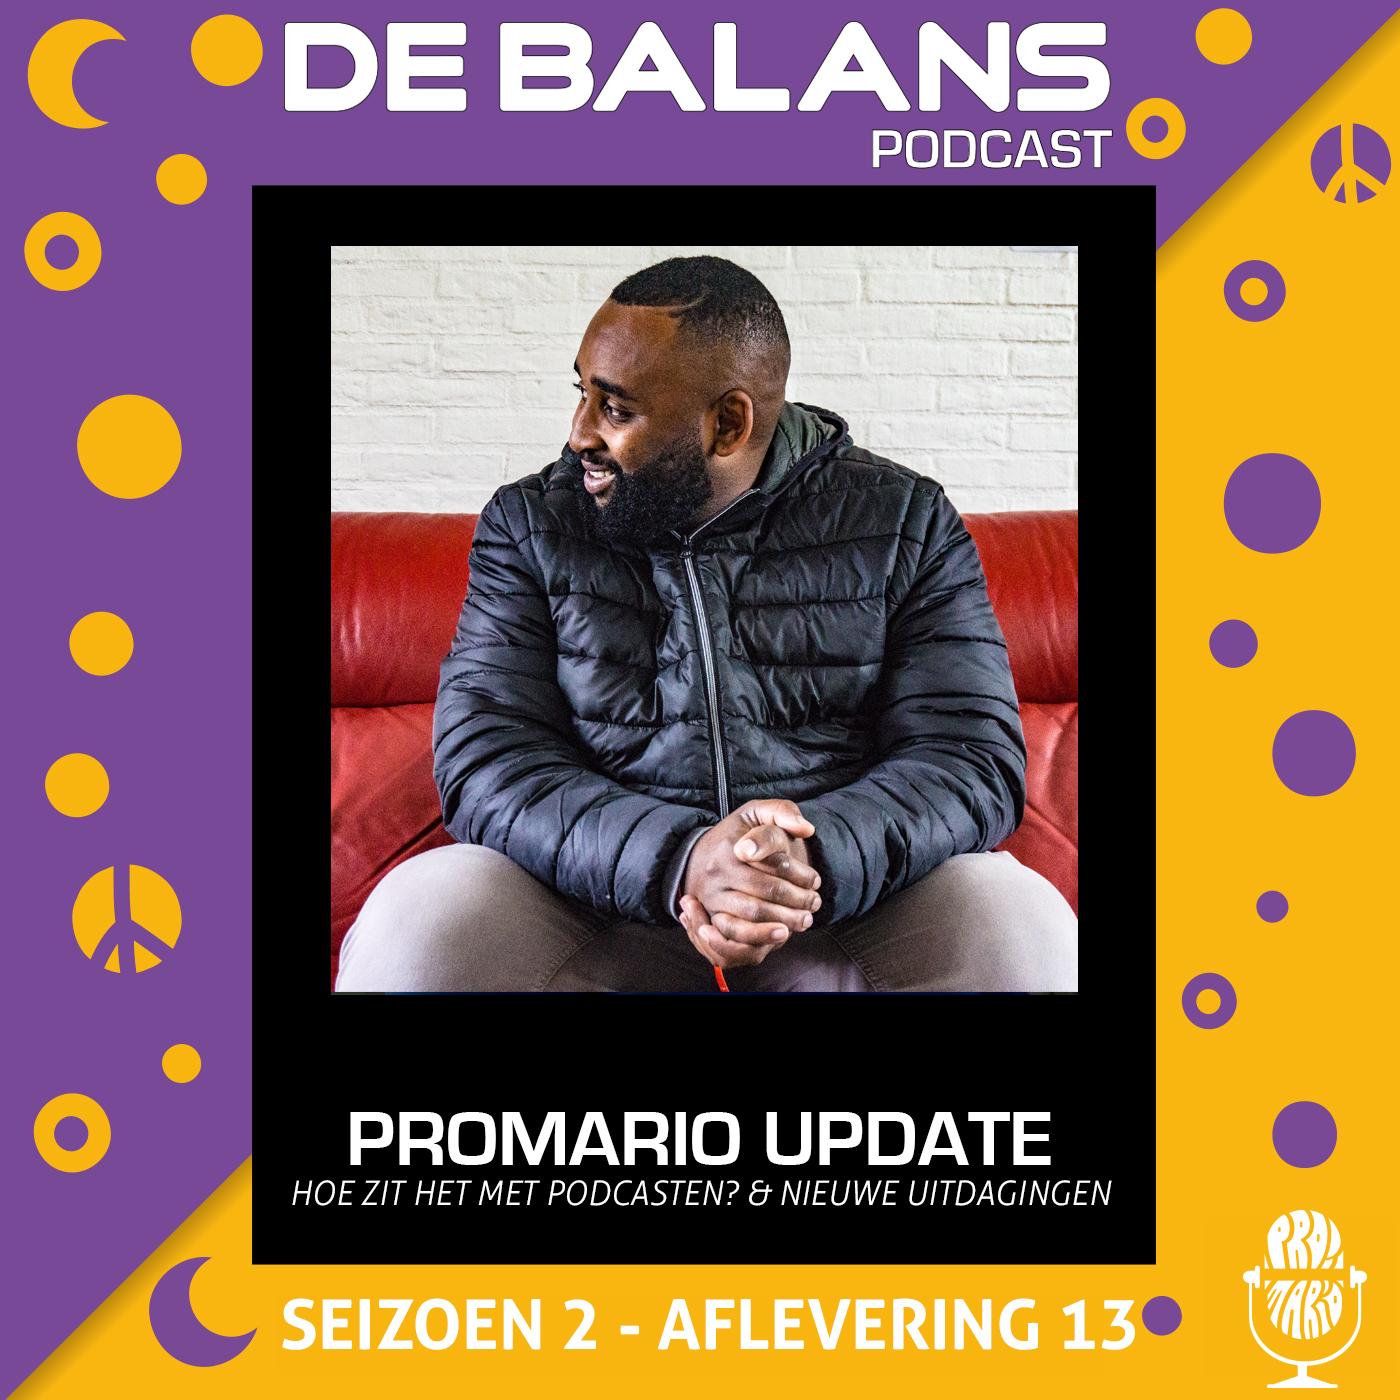 DE BALANS PODCAST – S02E13 – EEN UPDATE VAN PROMARIO